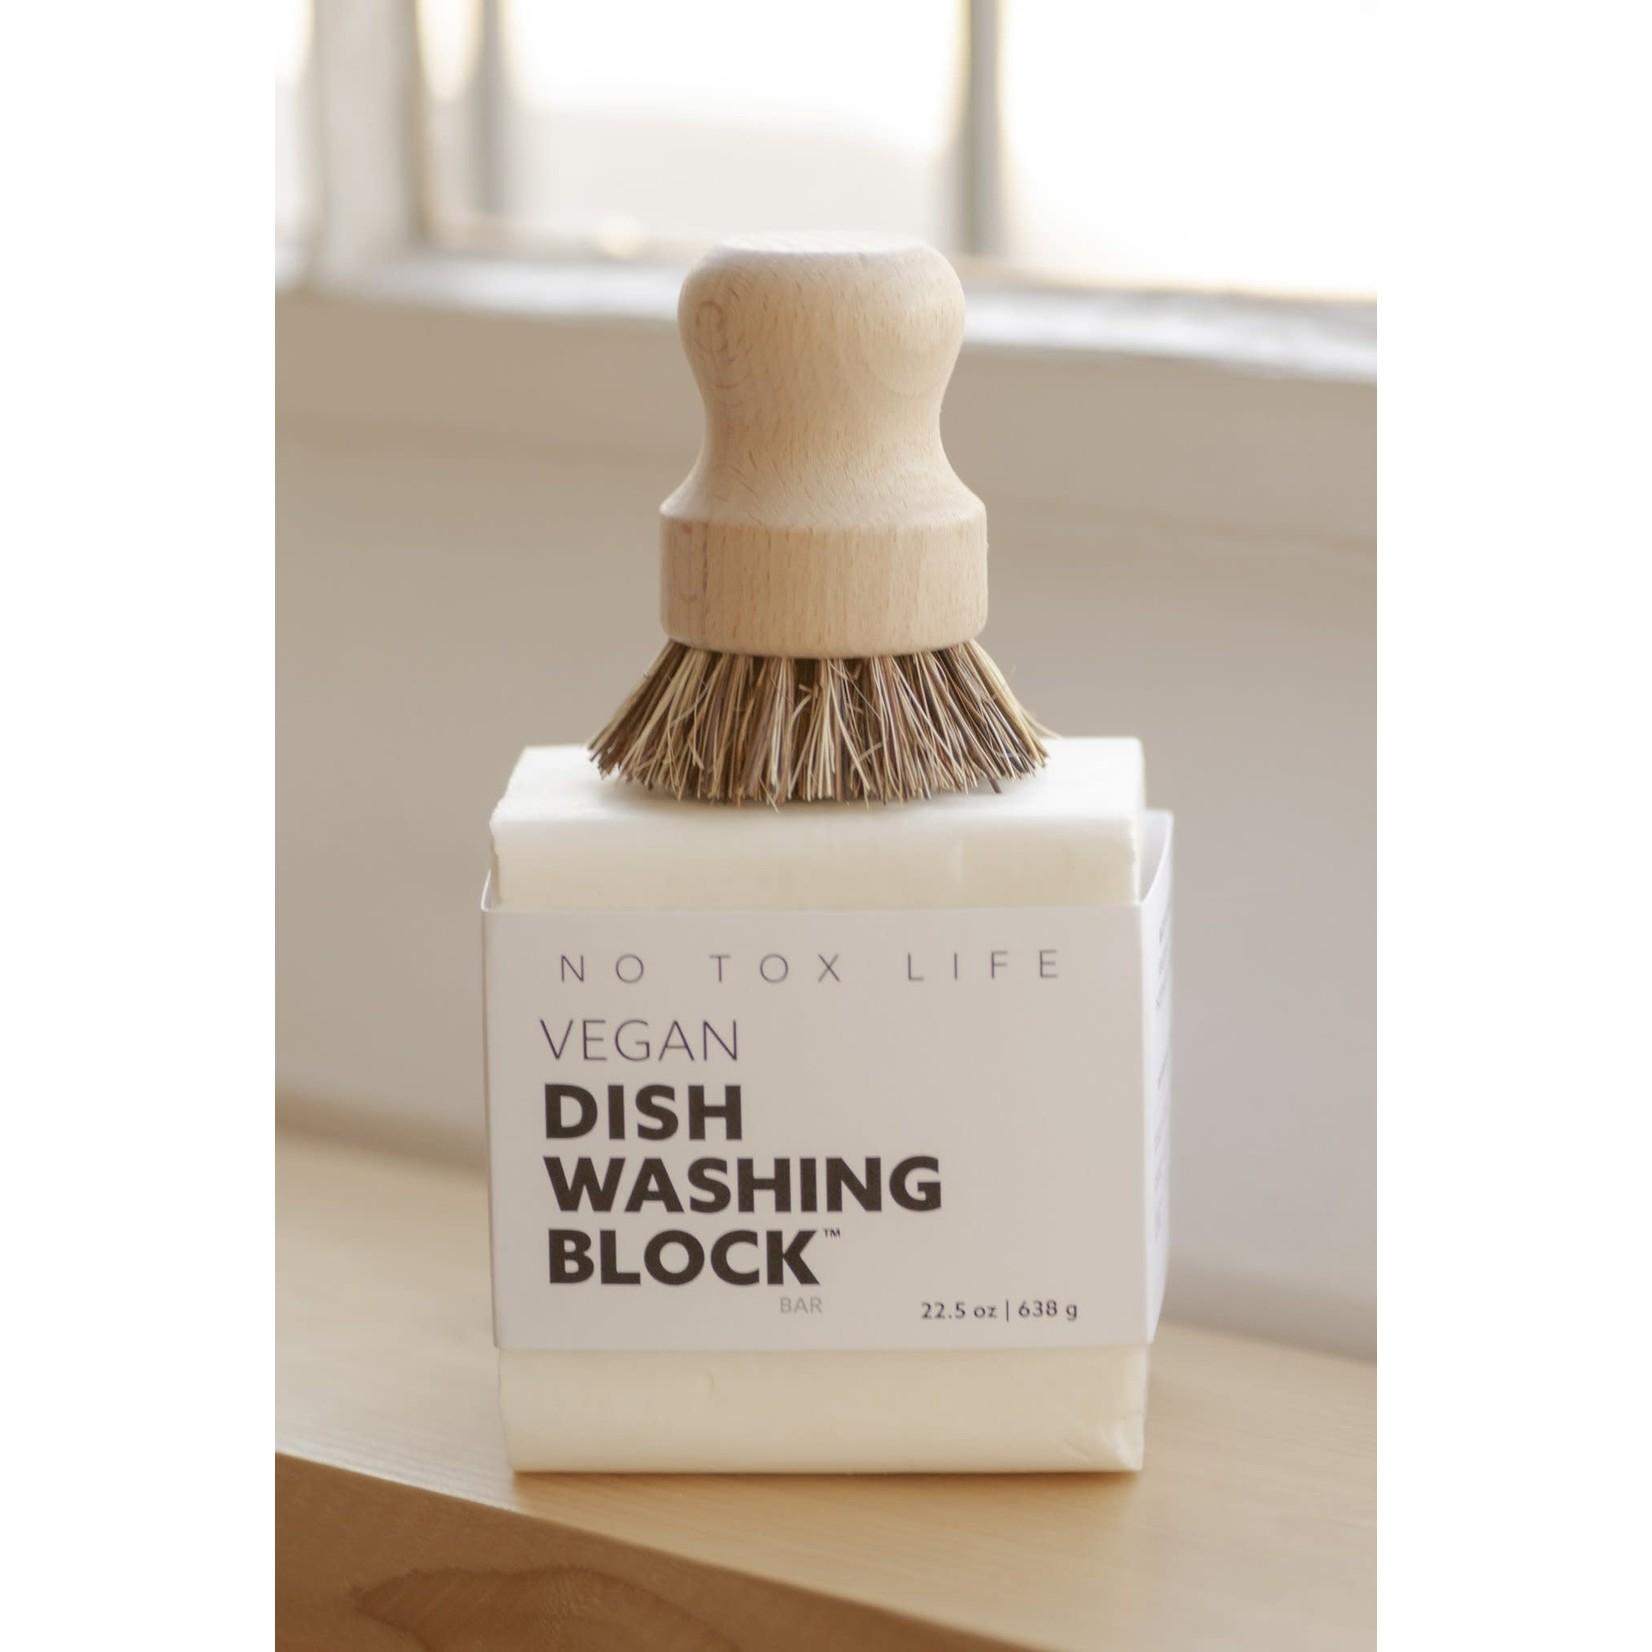 NO TOX LIFE DISH BLOCK® ZERO WASTE DISH WASHING BAR